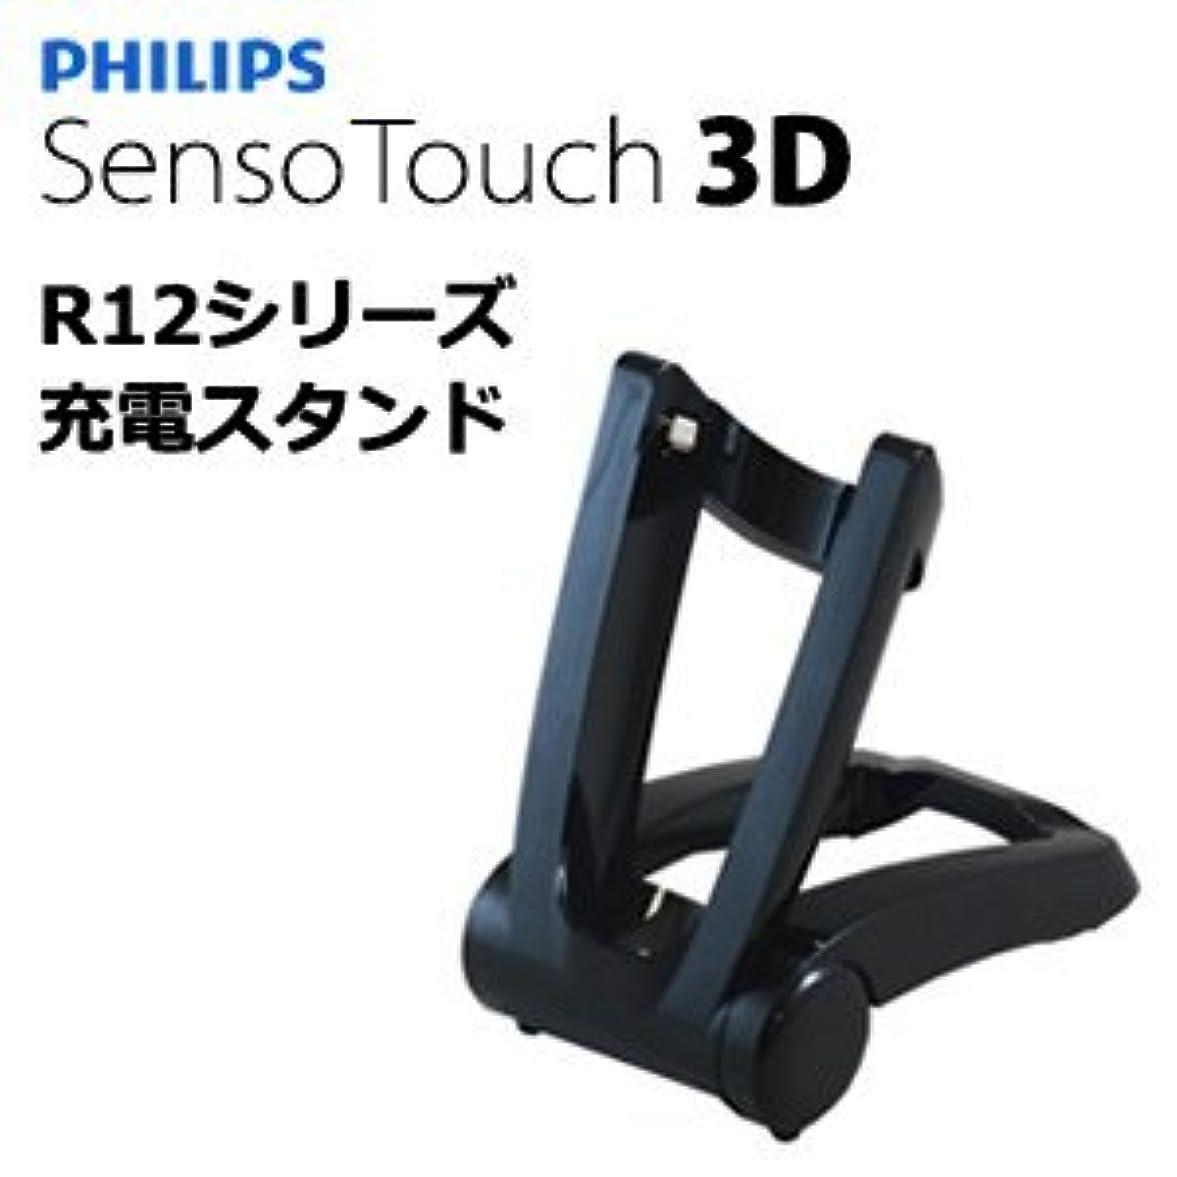 ハッチリファイン密輸PHILIPS 電動シェーバー Senso Touch 3D RQ12シリーズ 充電器 チャージャースタンド フィリップス センソタッチ シリーズ 携帯 充電器 チャージャー スタンド